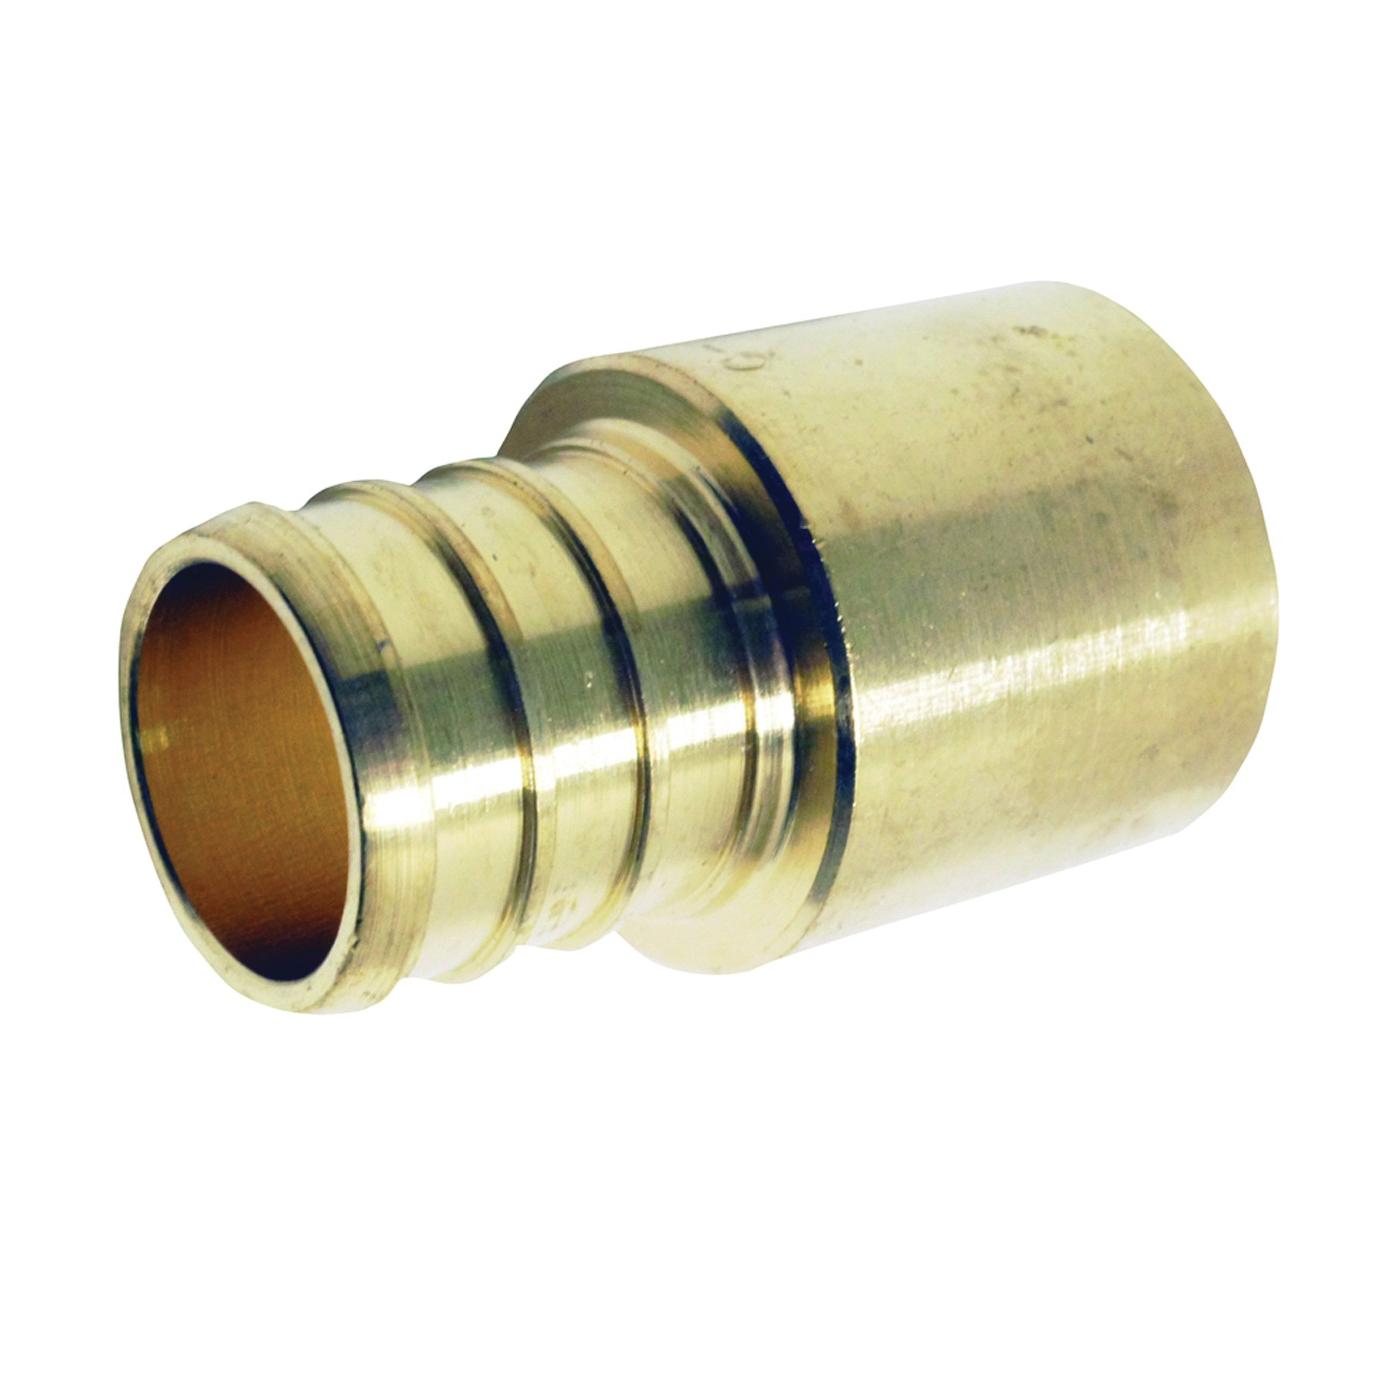 Picture of Apollo APXMS3434 Pipe Adapter, 3/4 in, PEX x Male Solder, Brass, 200 psi Pressure